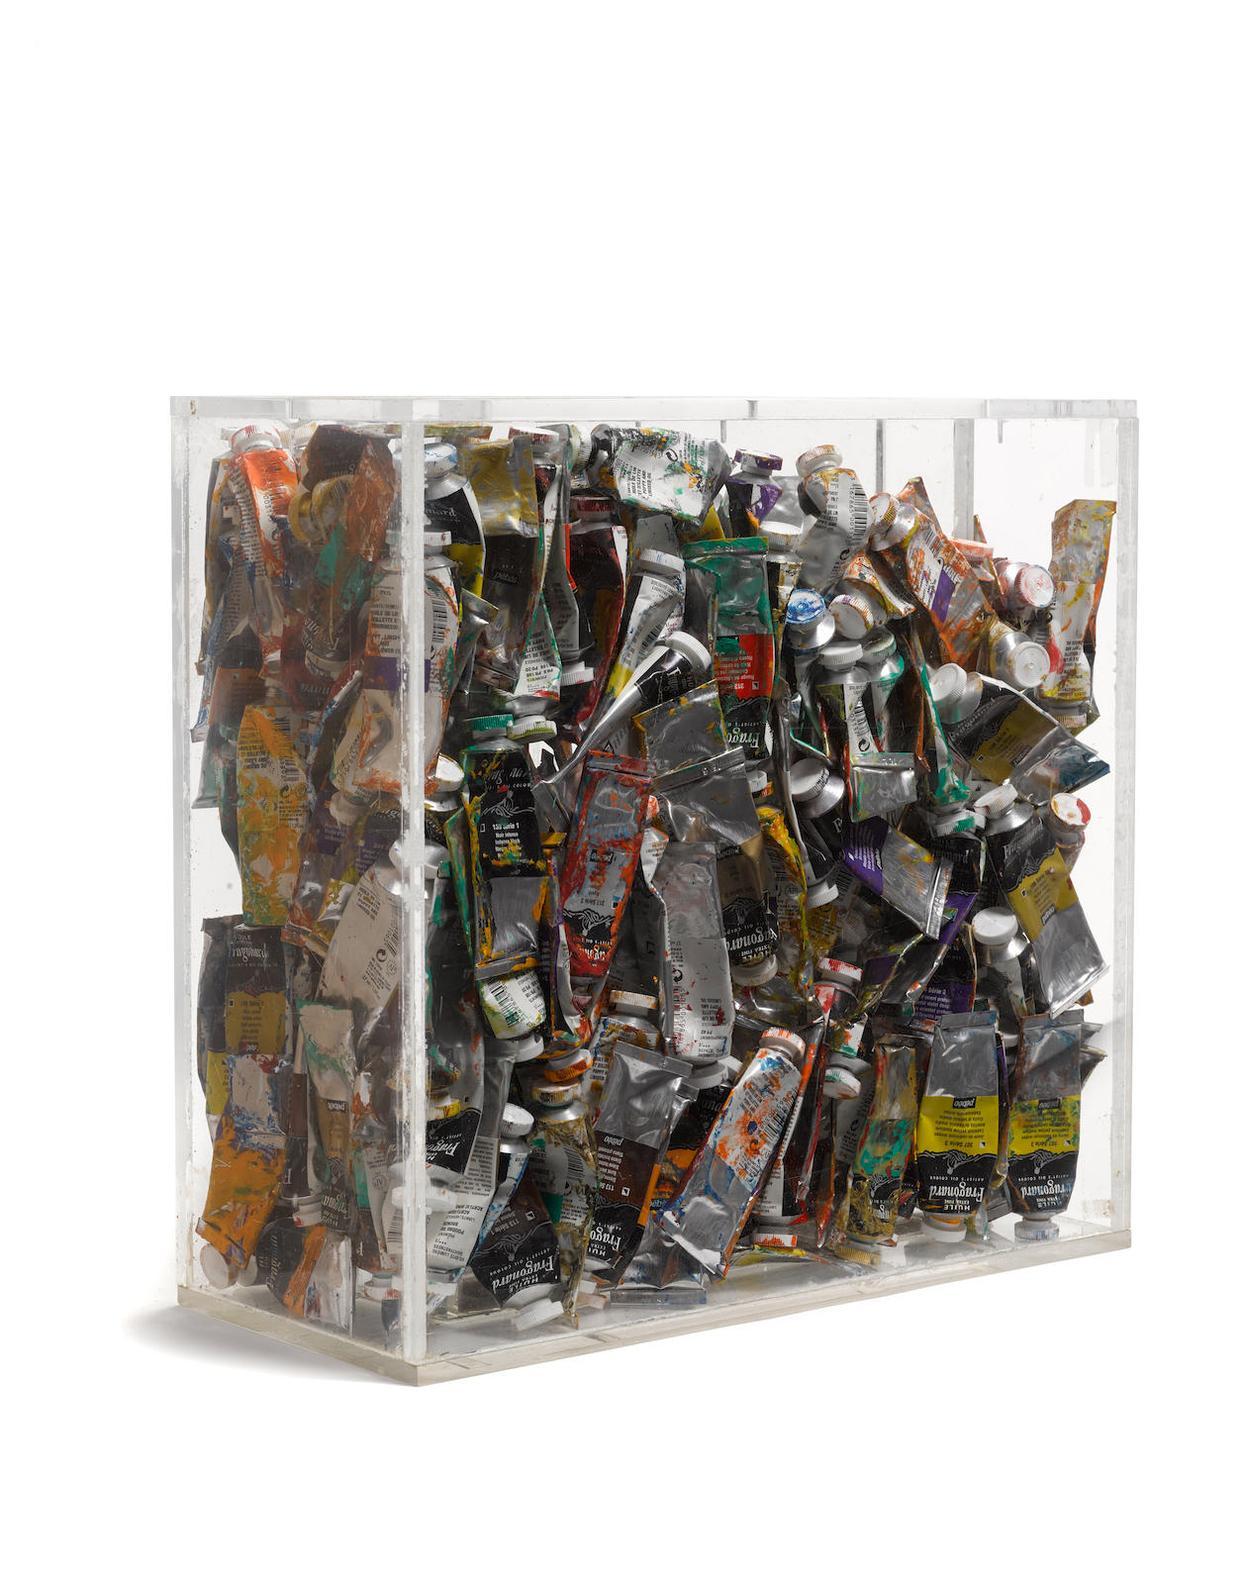 Arman-Poubelle De Tubes De Peinture-2004